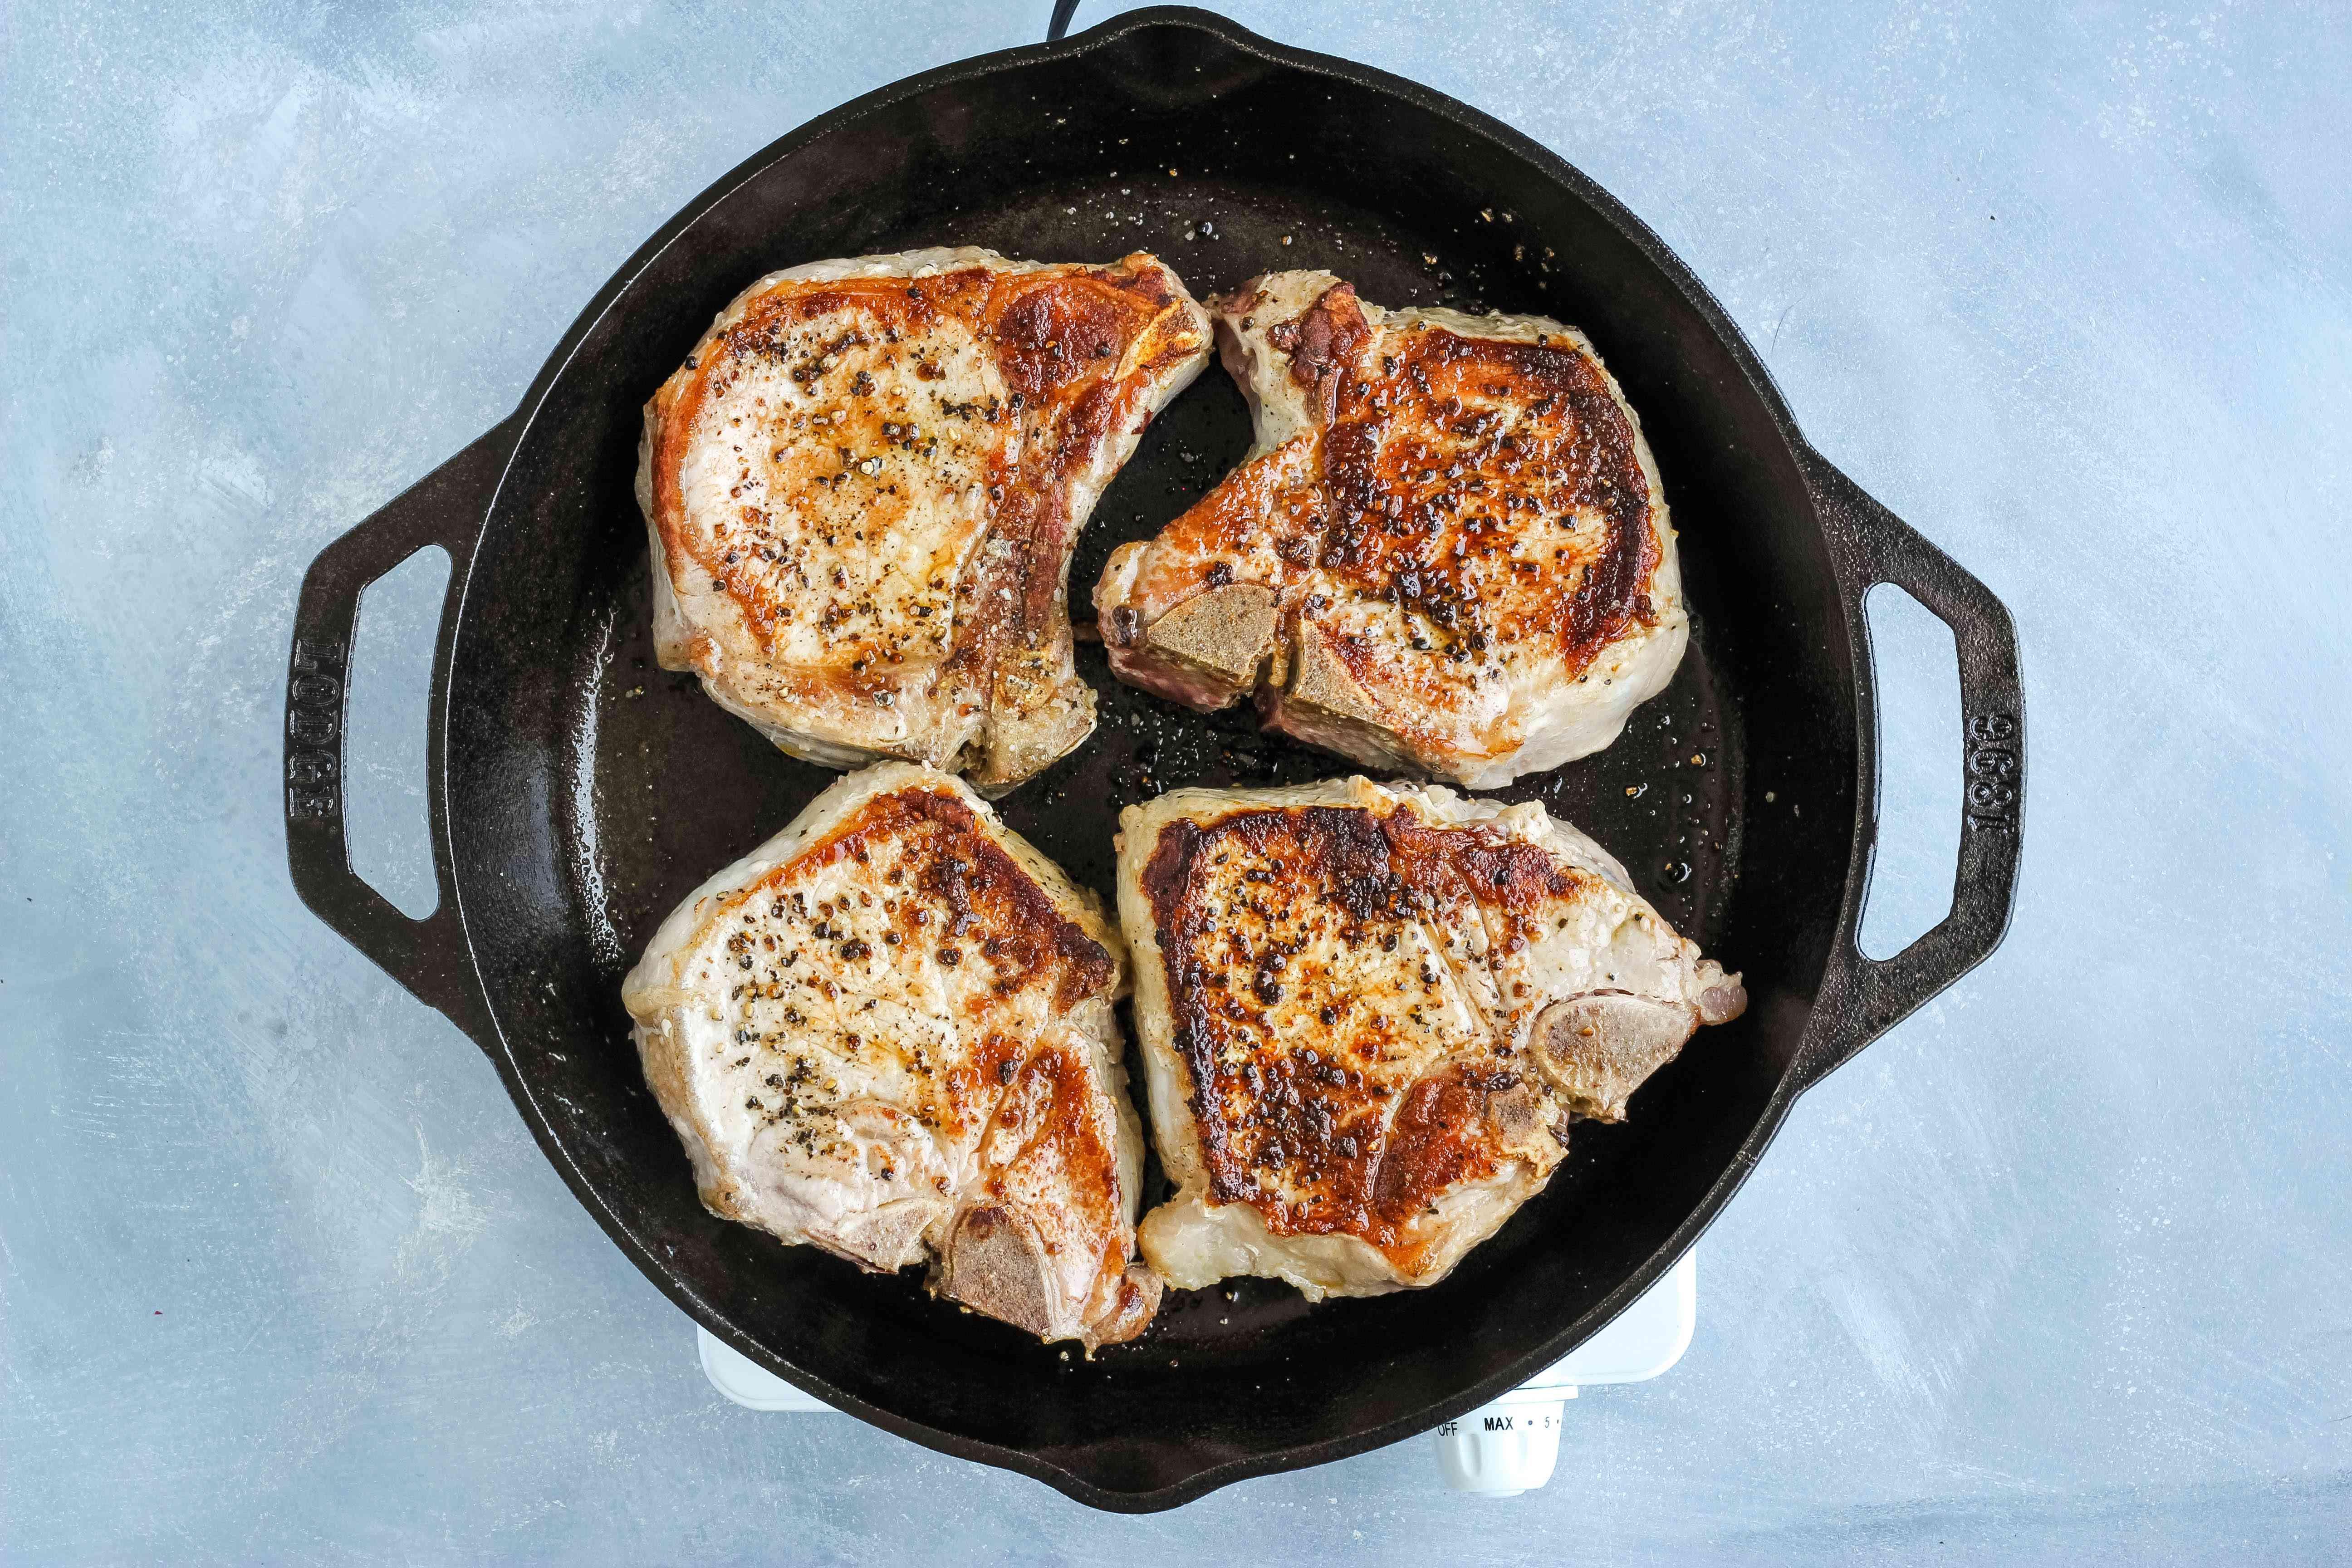 Browned pork chops in the pan